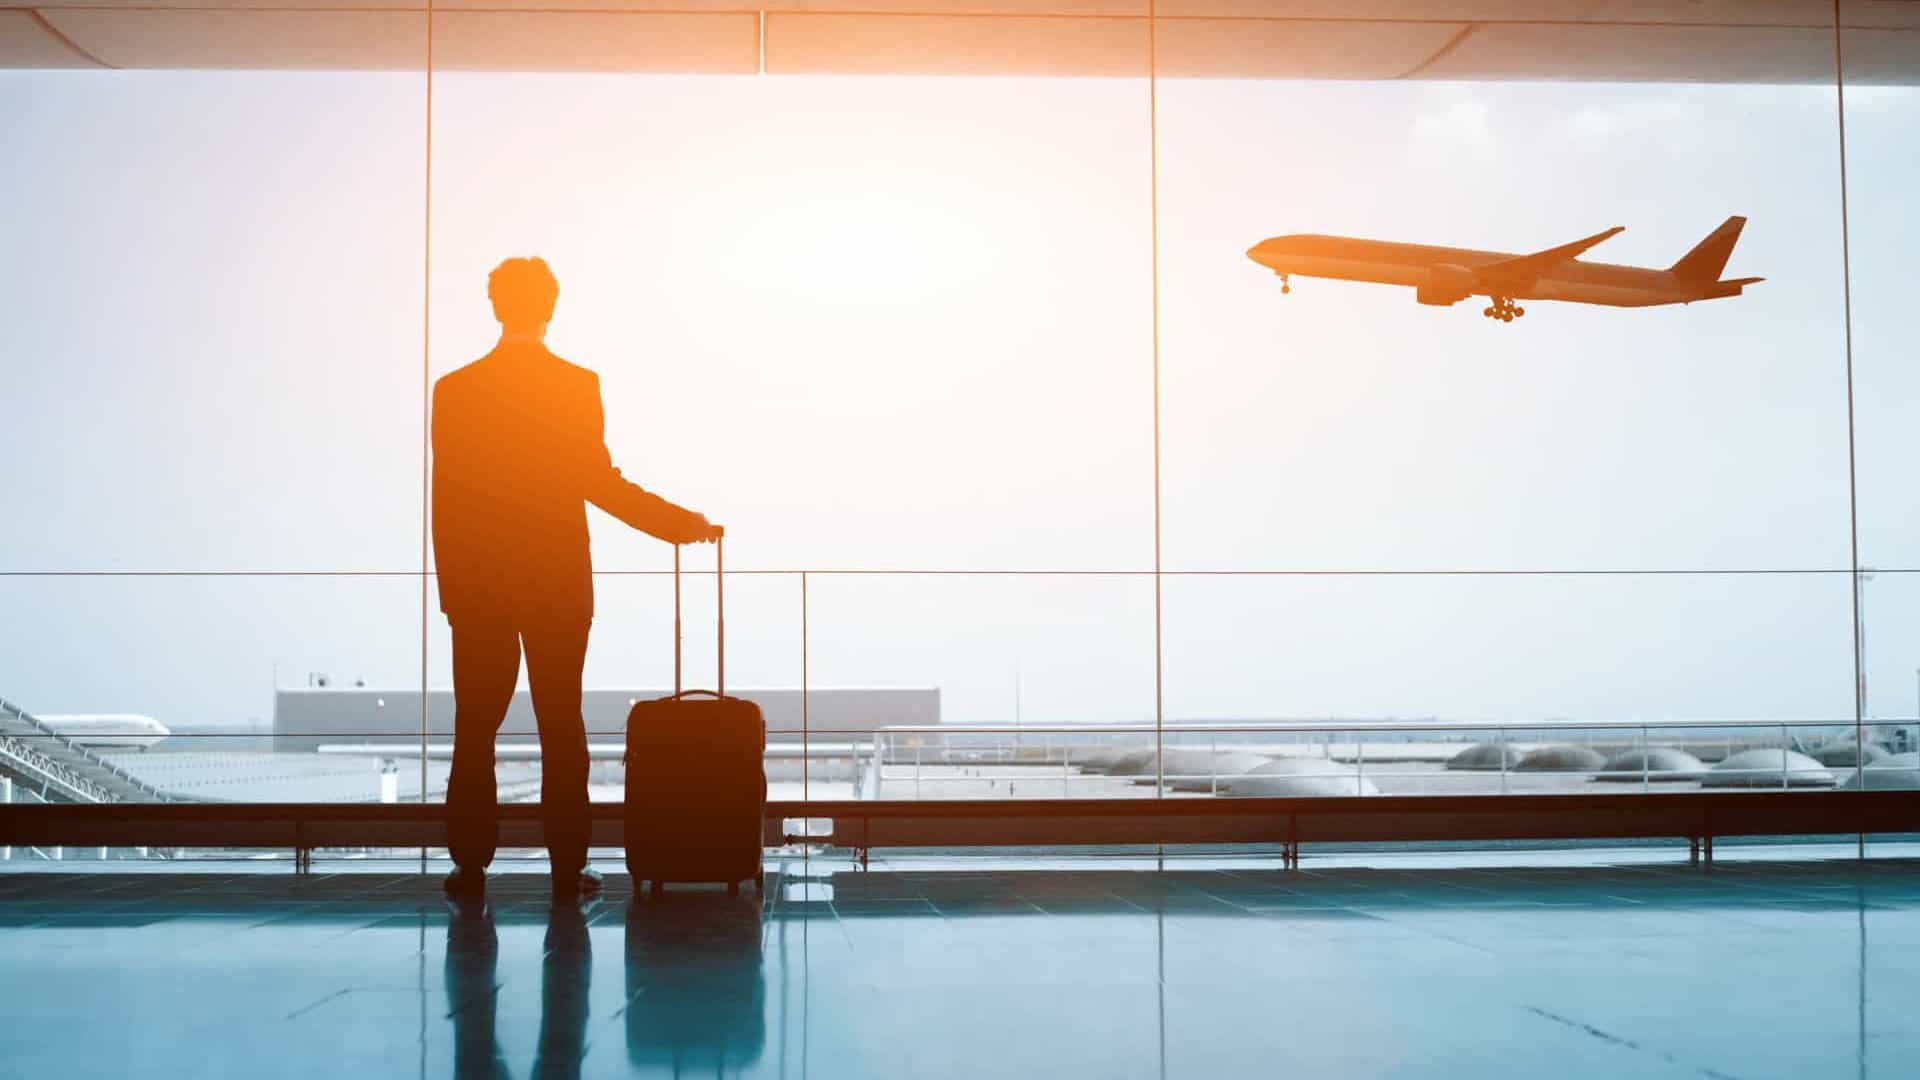 Vai viajar? Esses são os erros que não deve cometer no aeroporto!